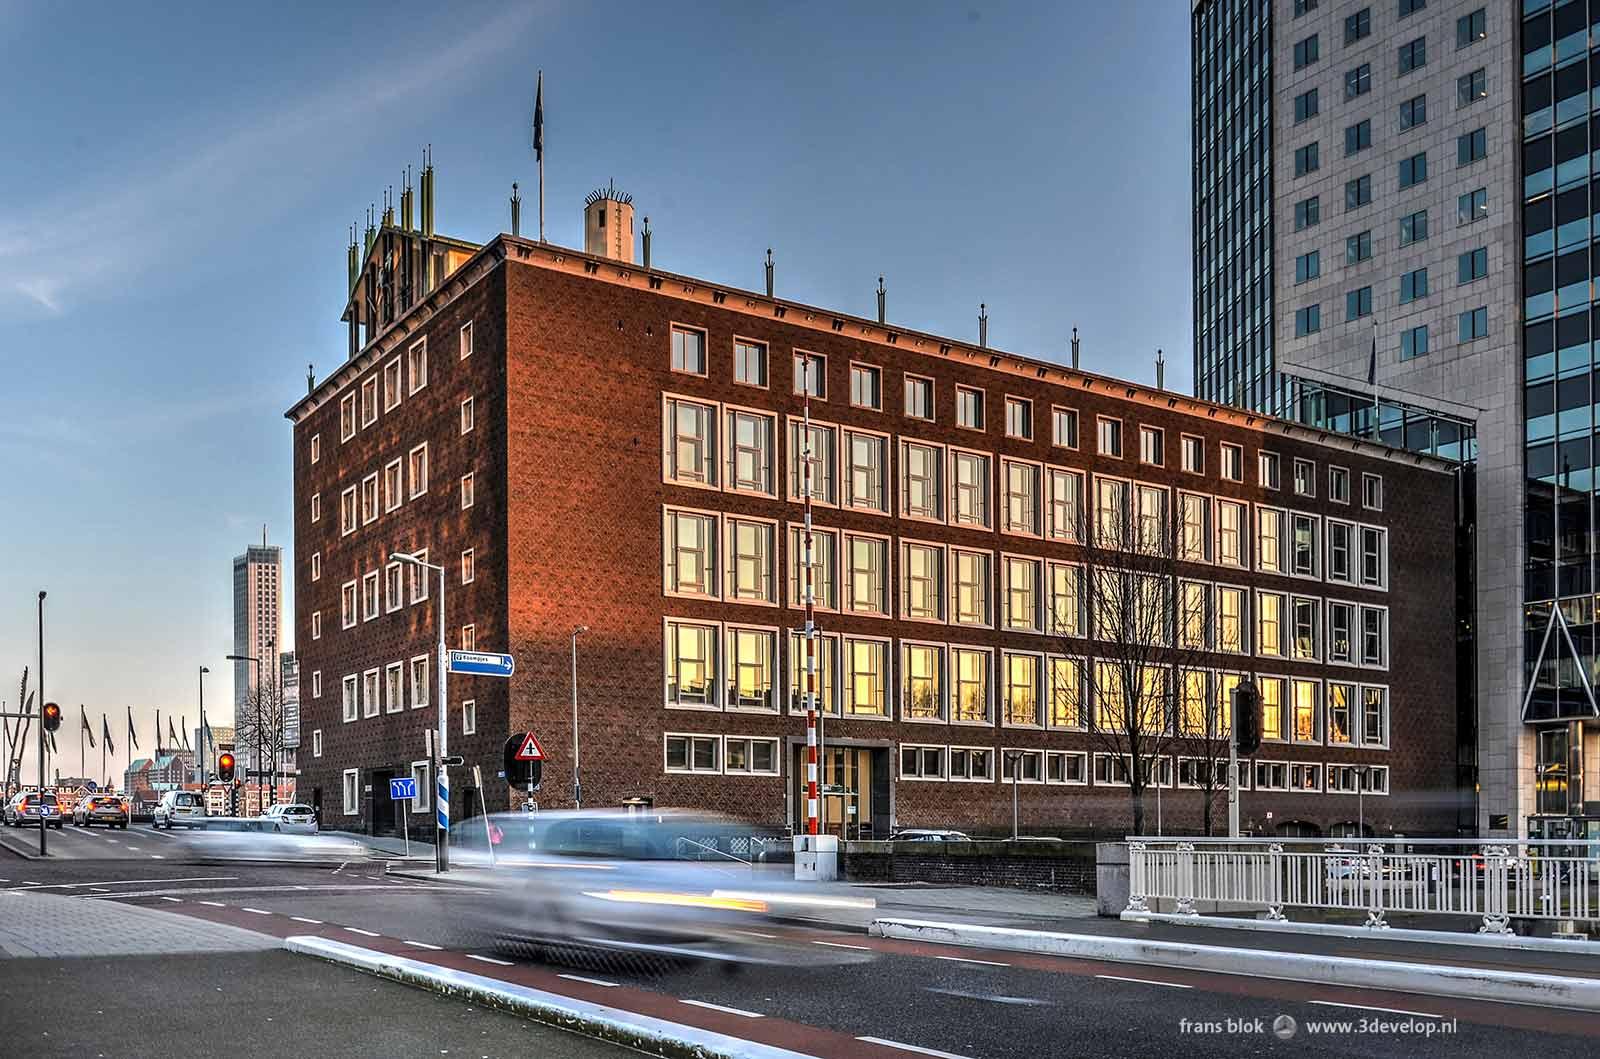 De voormalige bijbank van de Nederlandsche Bank op de Boompjes in Rotterdam, laat in de middag gefotografeerd vanaf de Scheepmakershaven